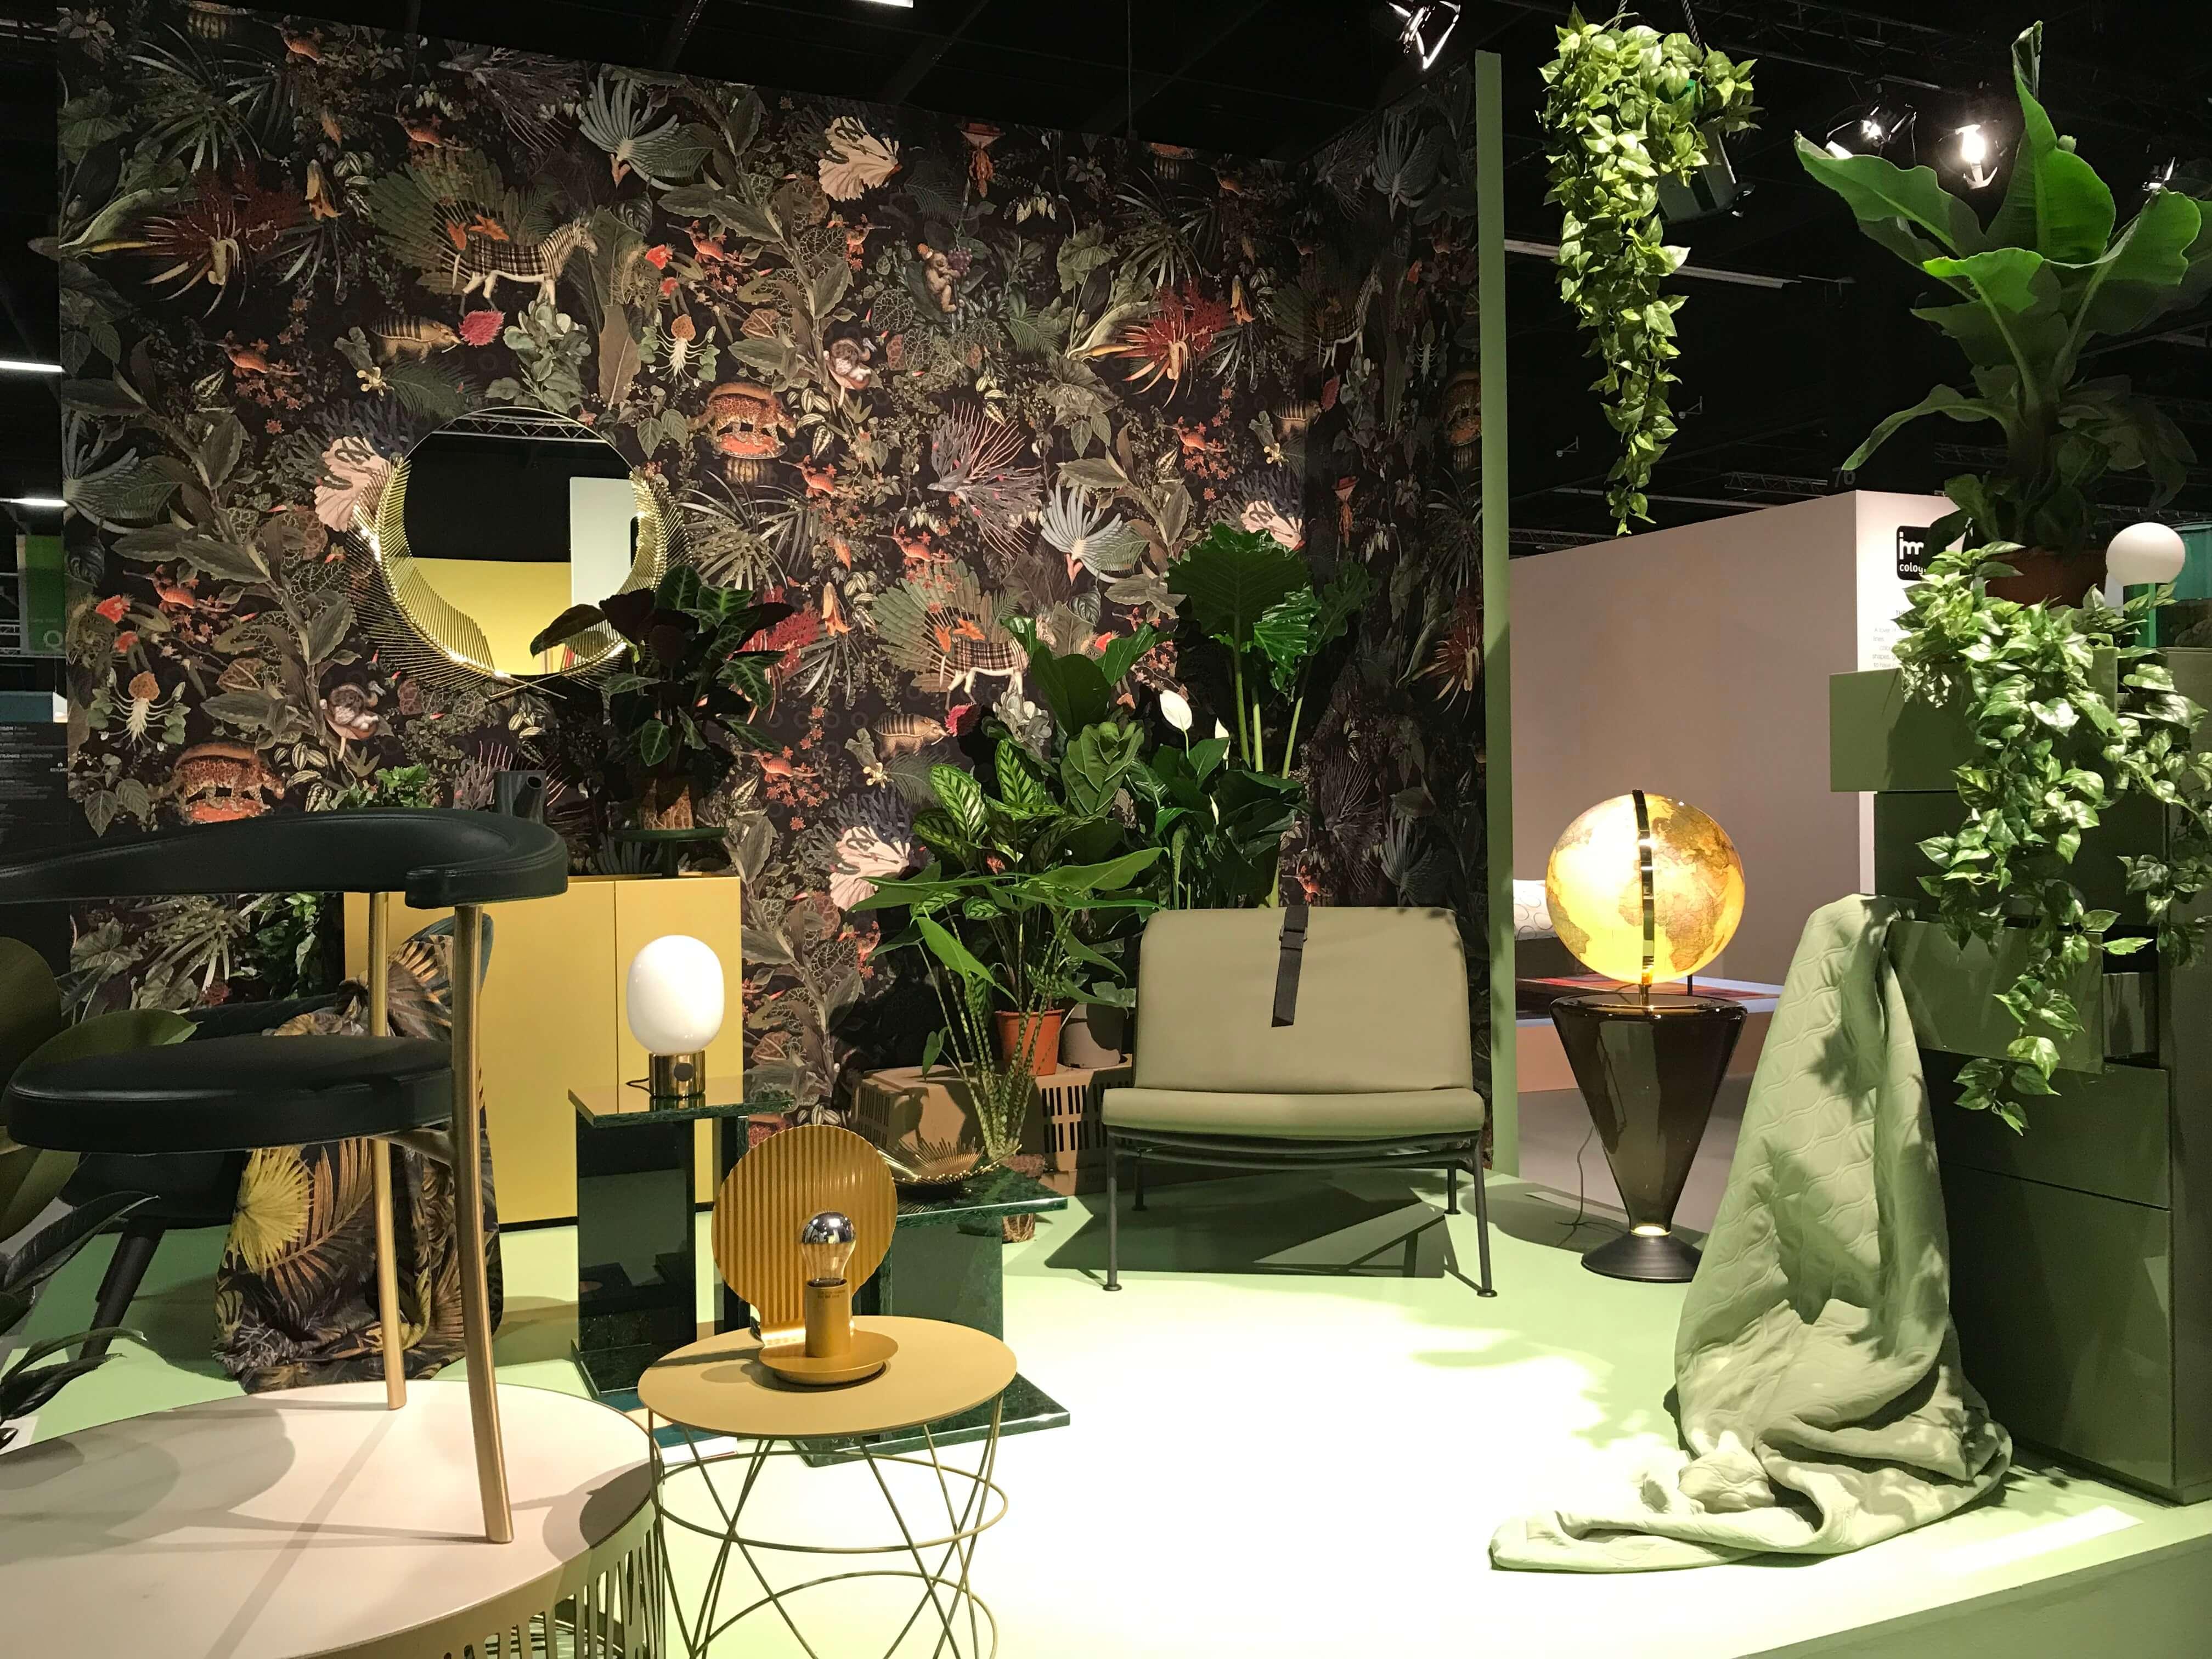 """Das Thema """"Natur"""" stand auch dieses Jahr im Fokus vieler Präsentationen auf der IMM Cologne 2019"""